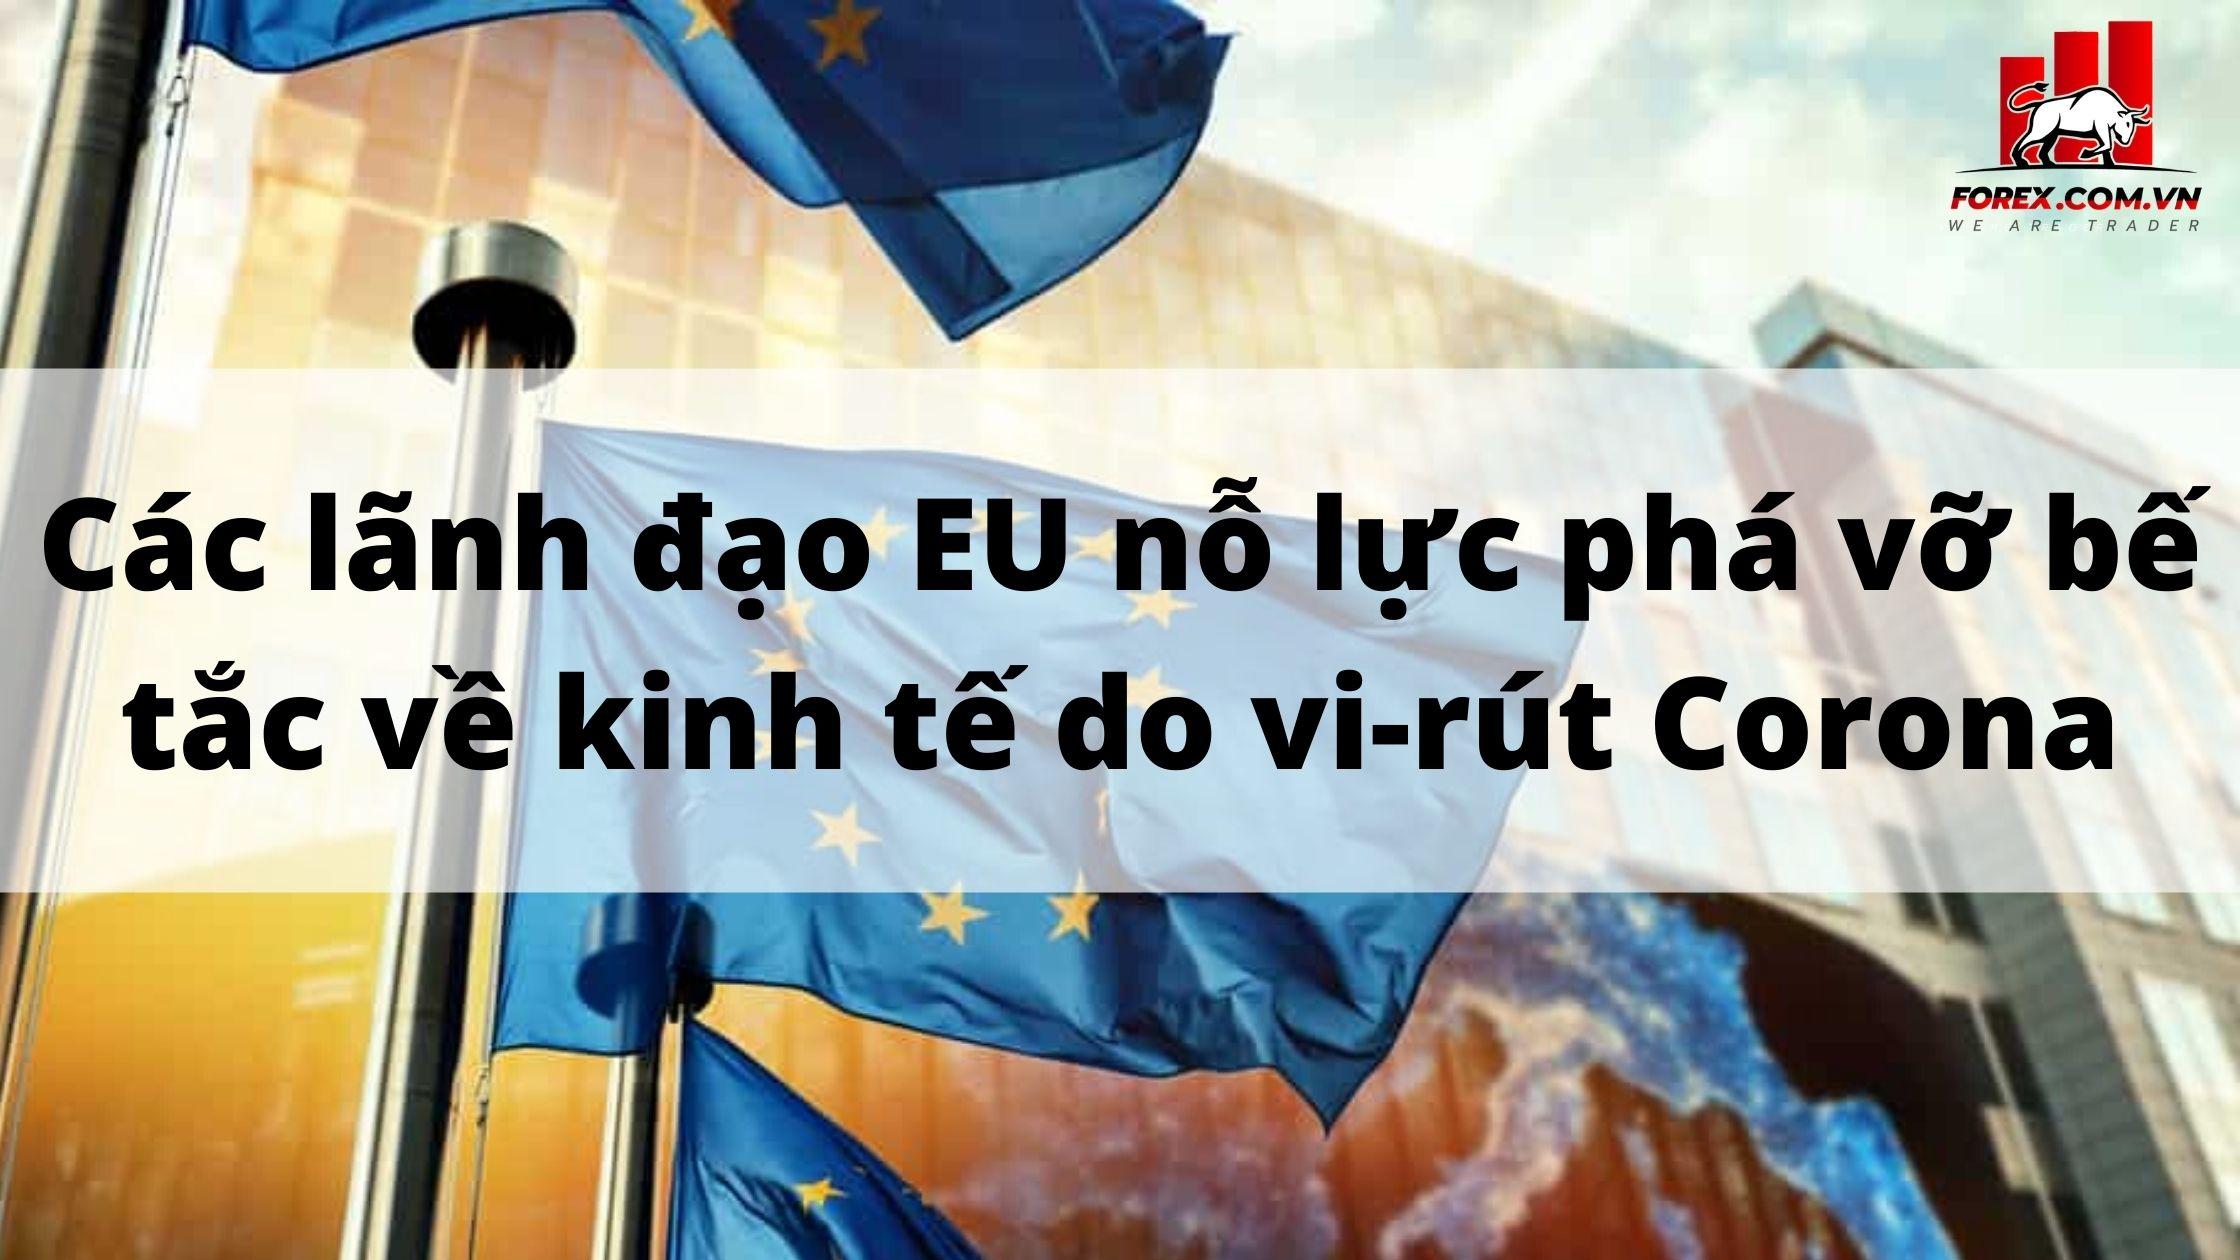 Các lãnh đạo EU nỗ lực phá vỡ bế tắc về kinh tế do vi-rút Corona